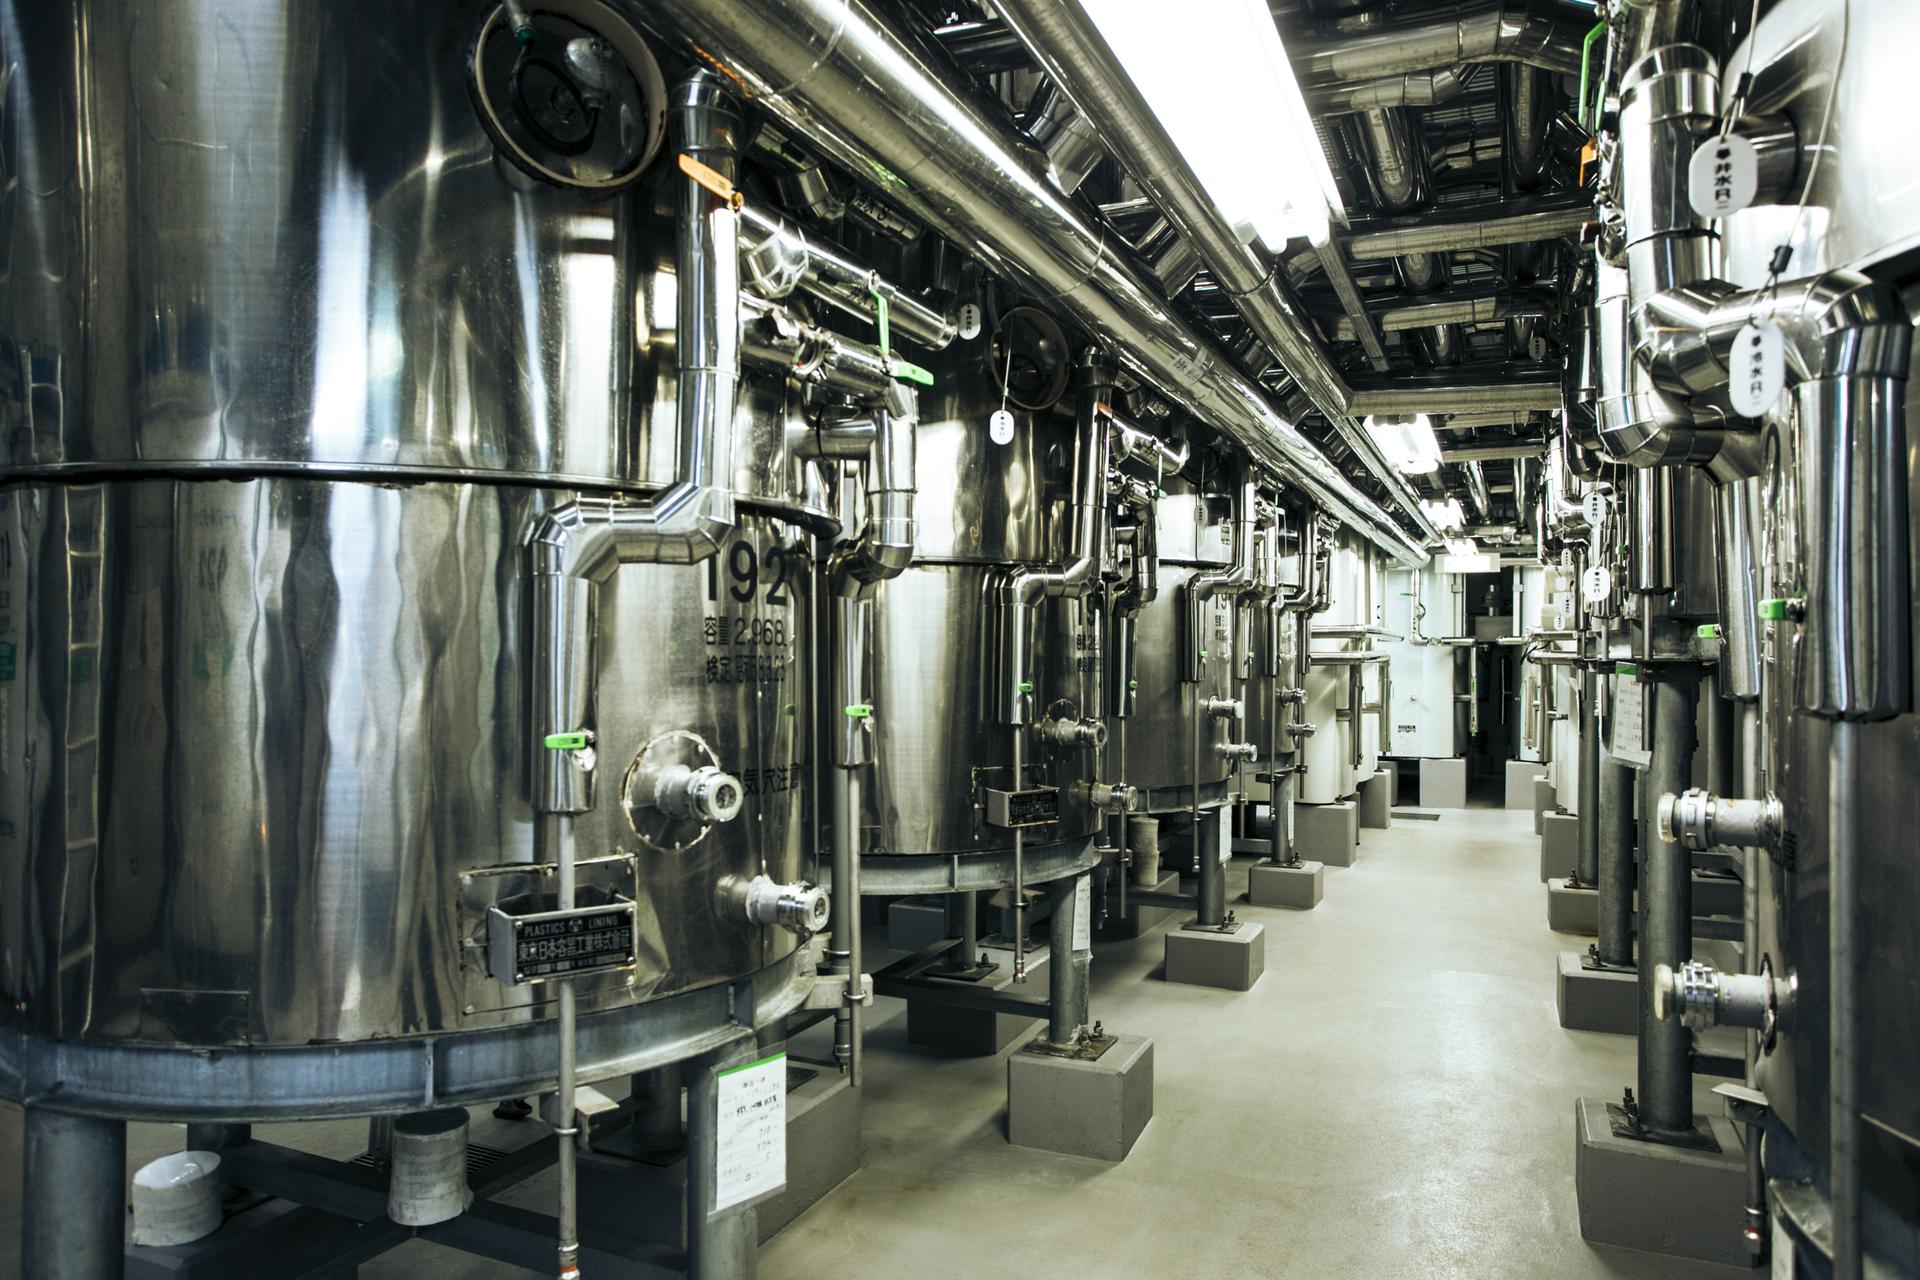 日本酒の造り方を解説!穏やかな味わいに熟成させる工程「貯蔵」